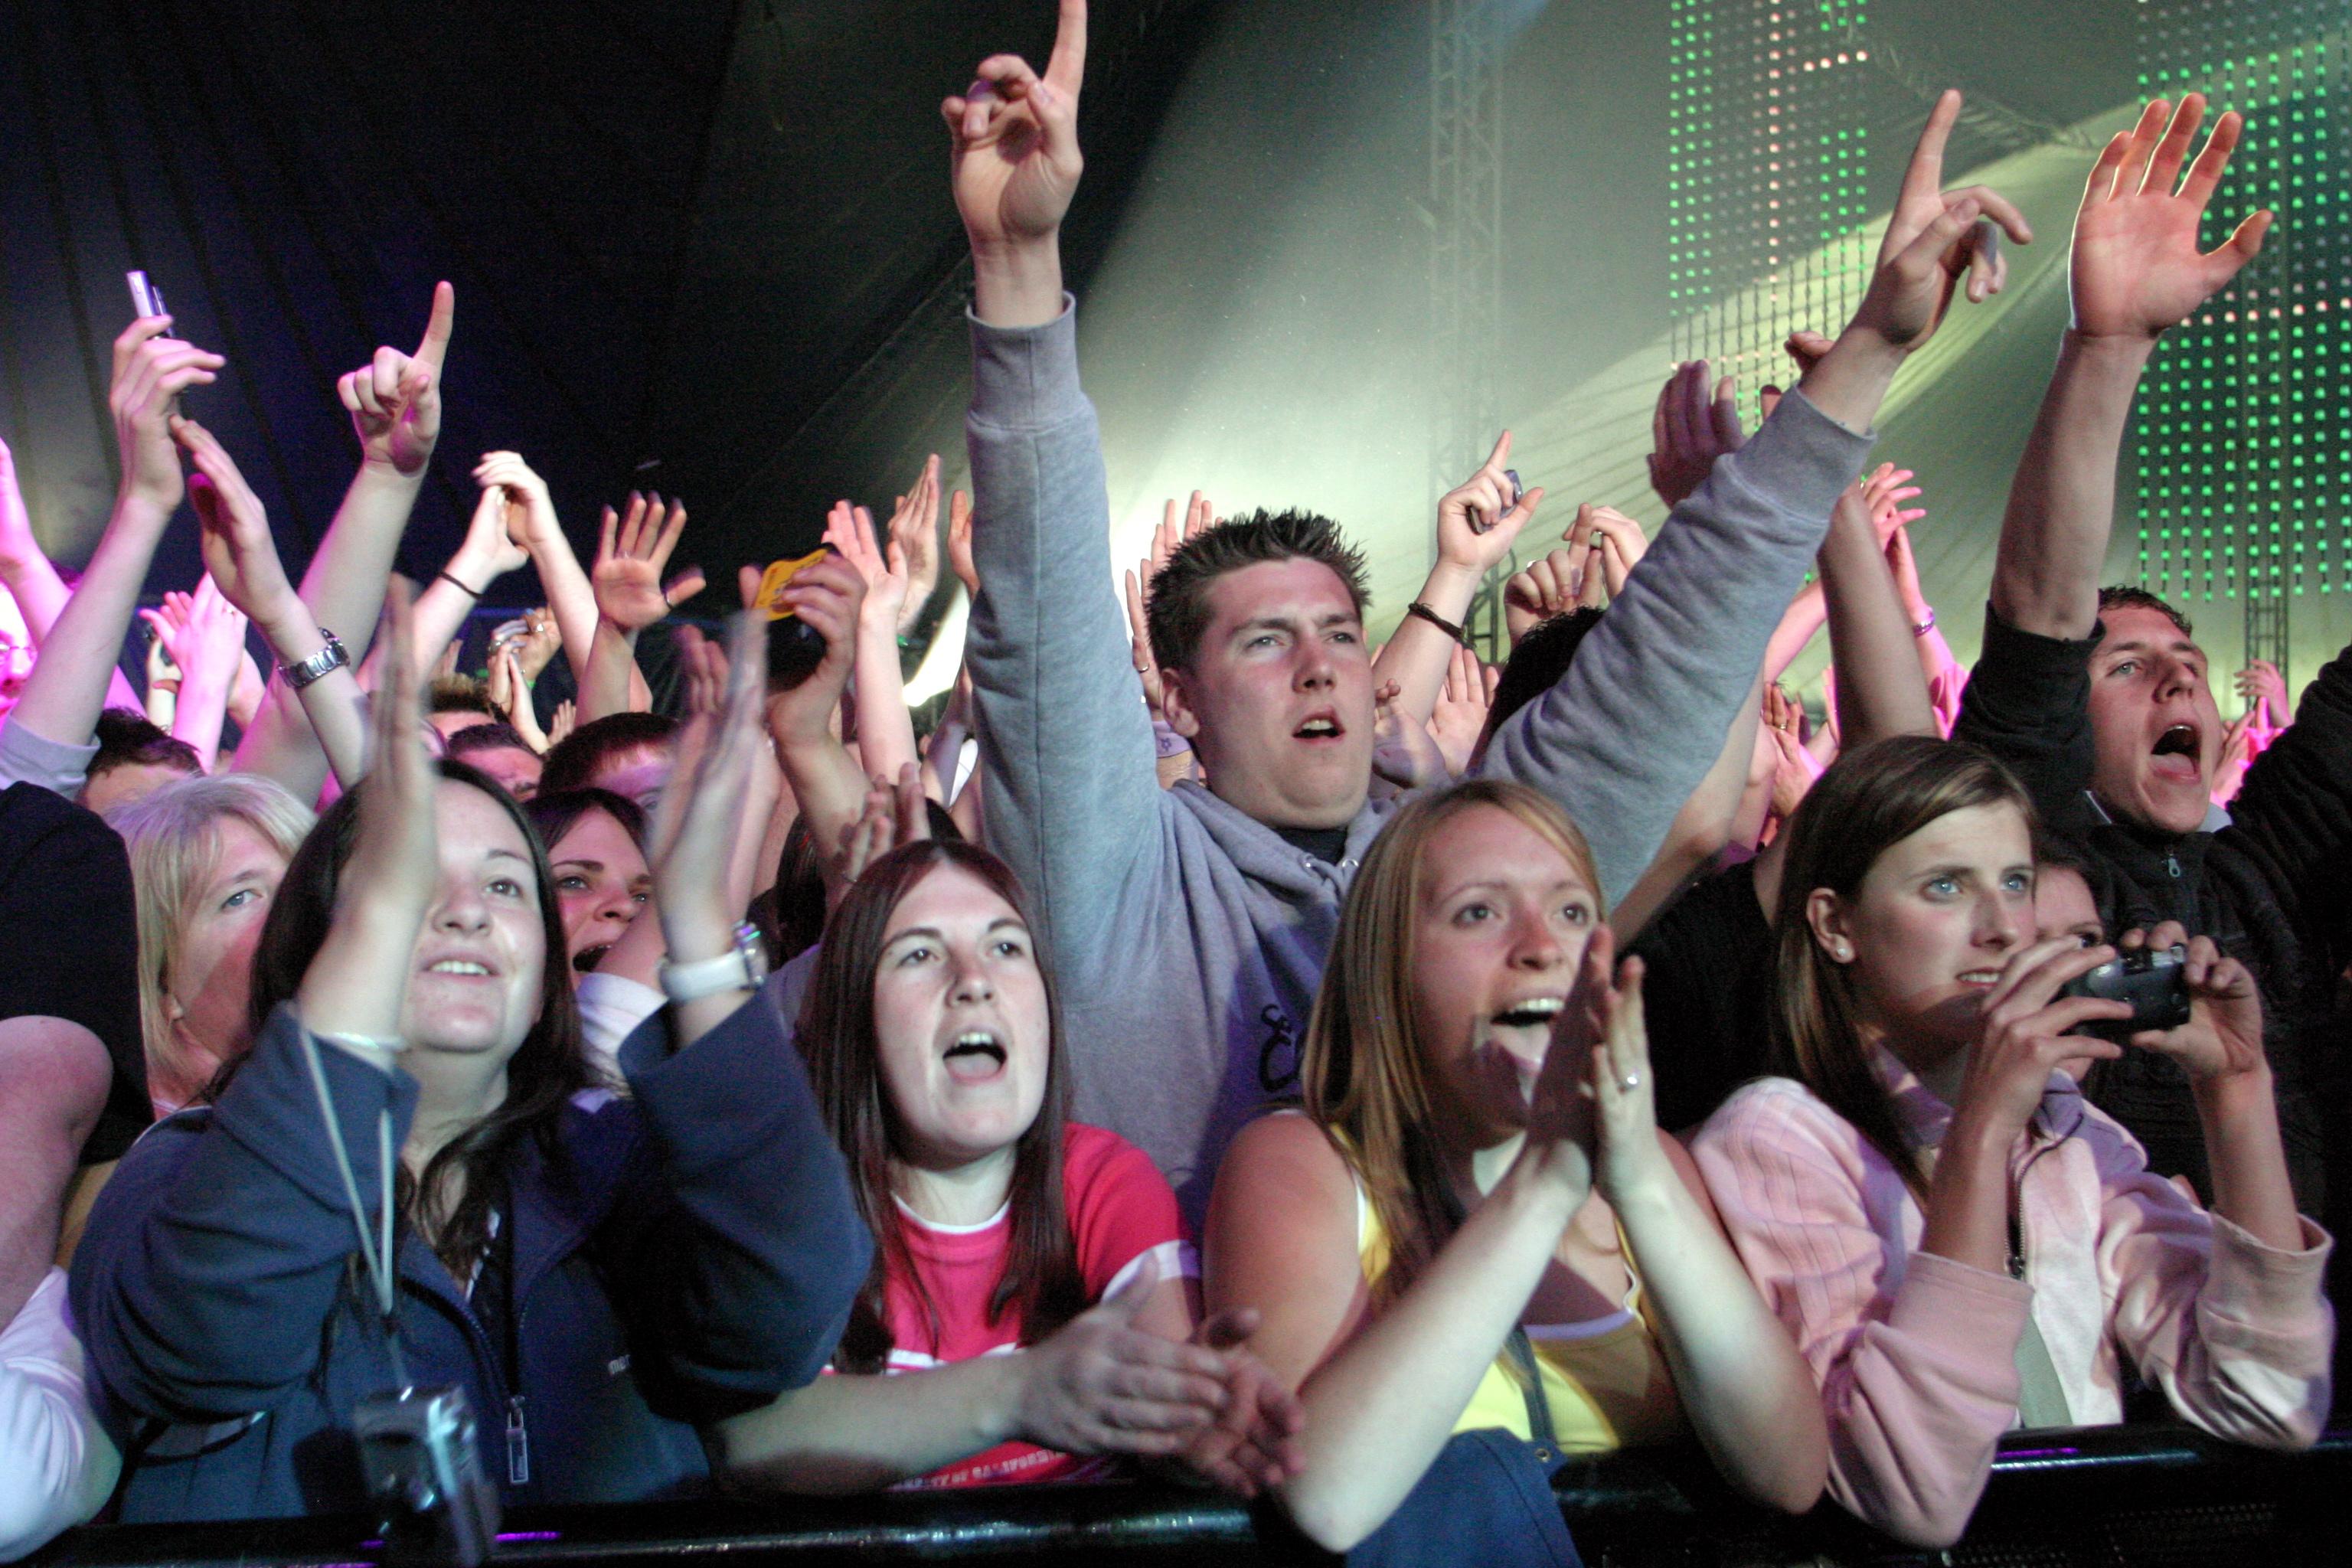 Revellers enjoying Radio 1's Big Weekend at Camperdown Park, Dundee in 2006.